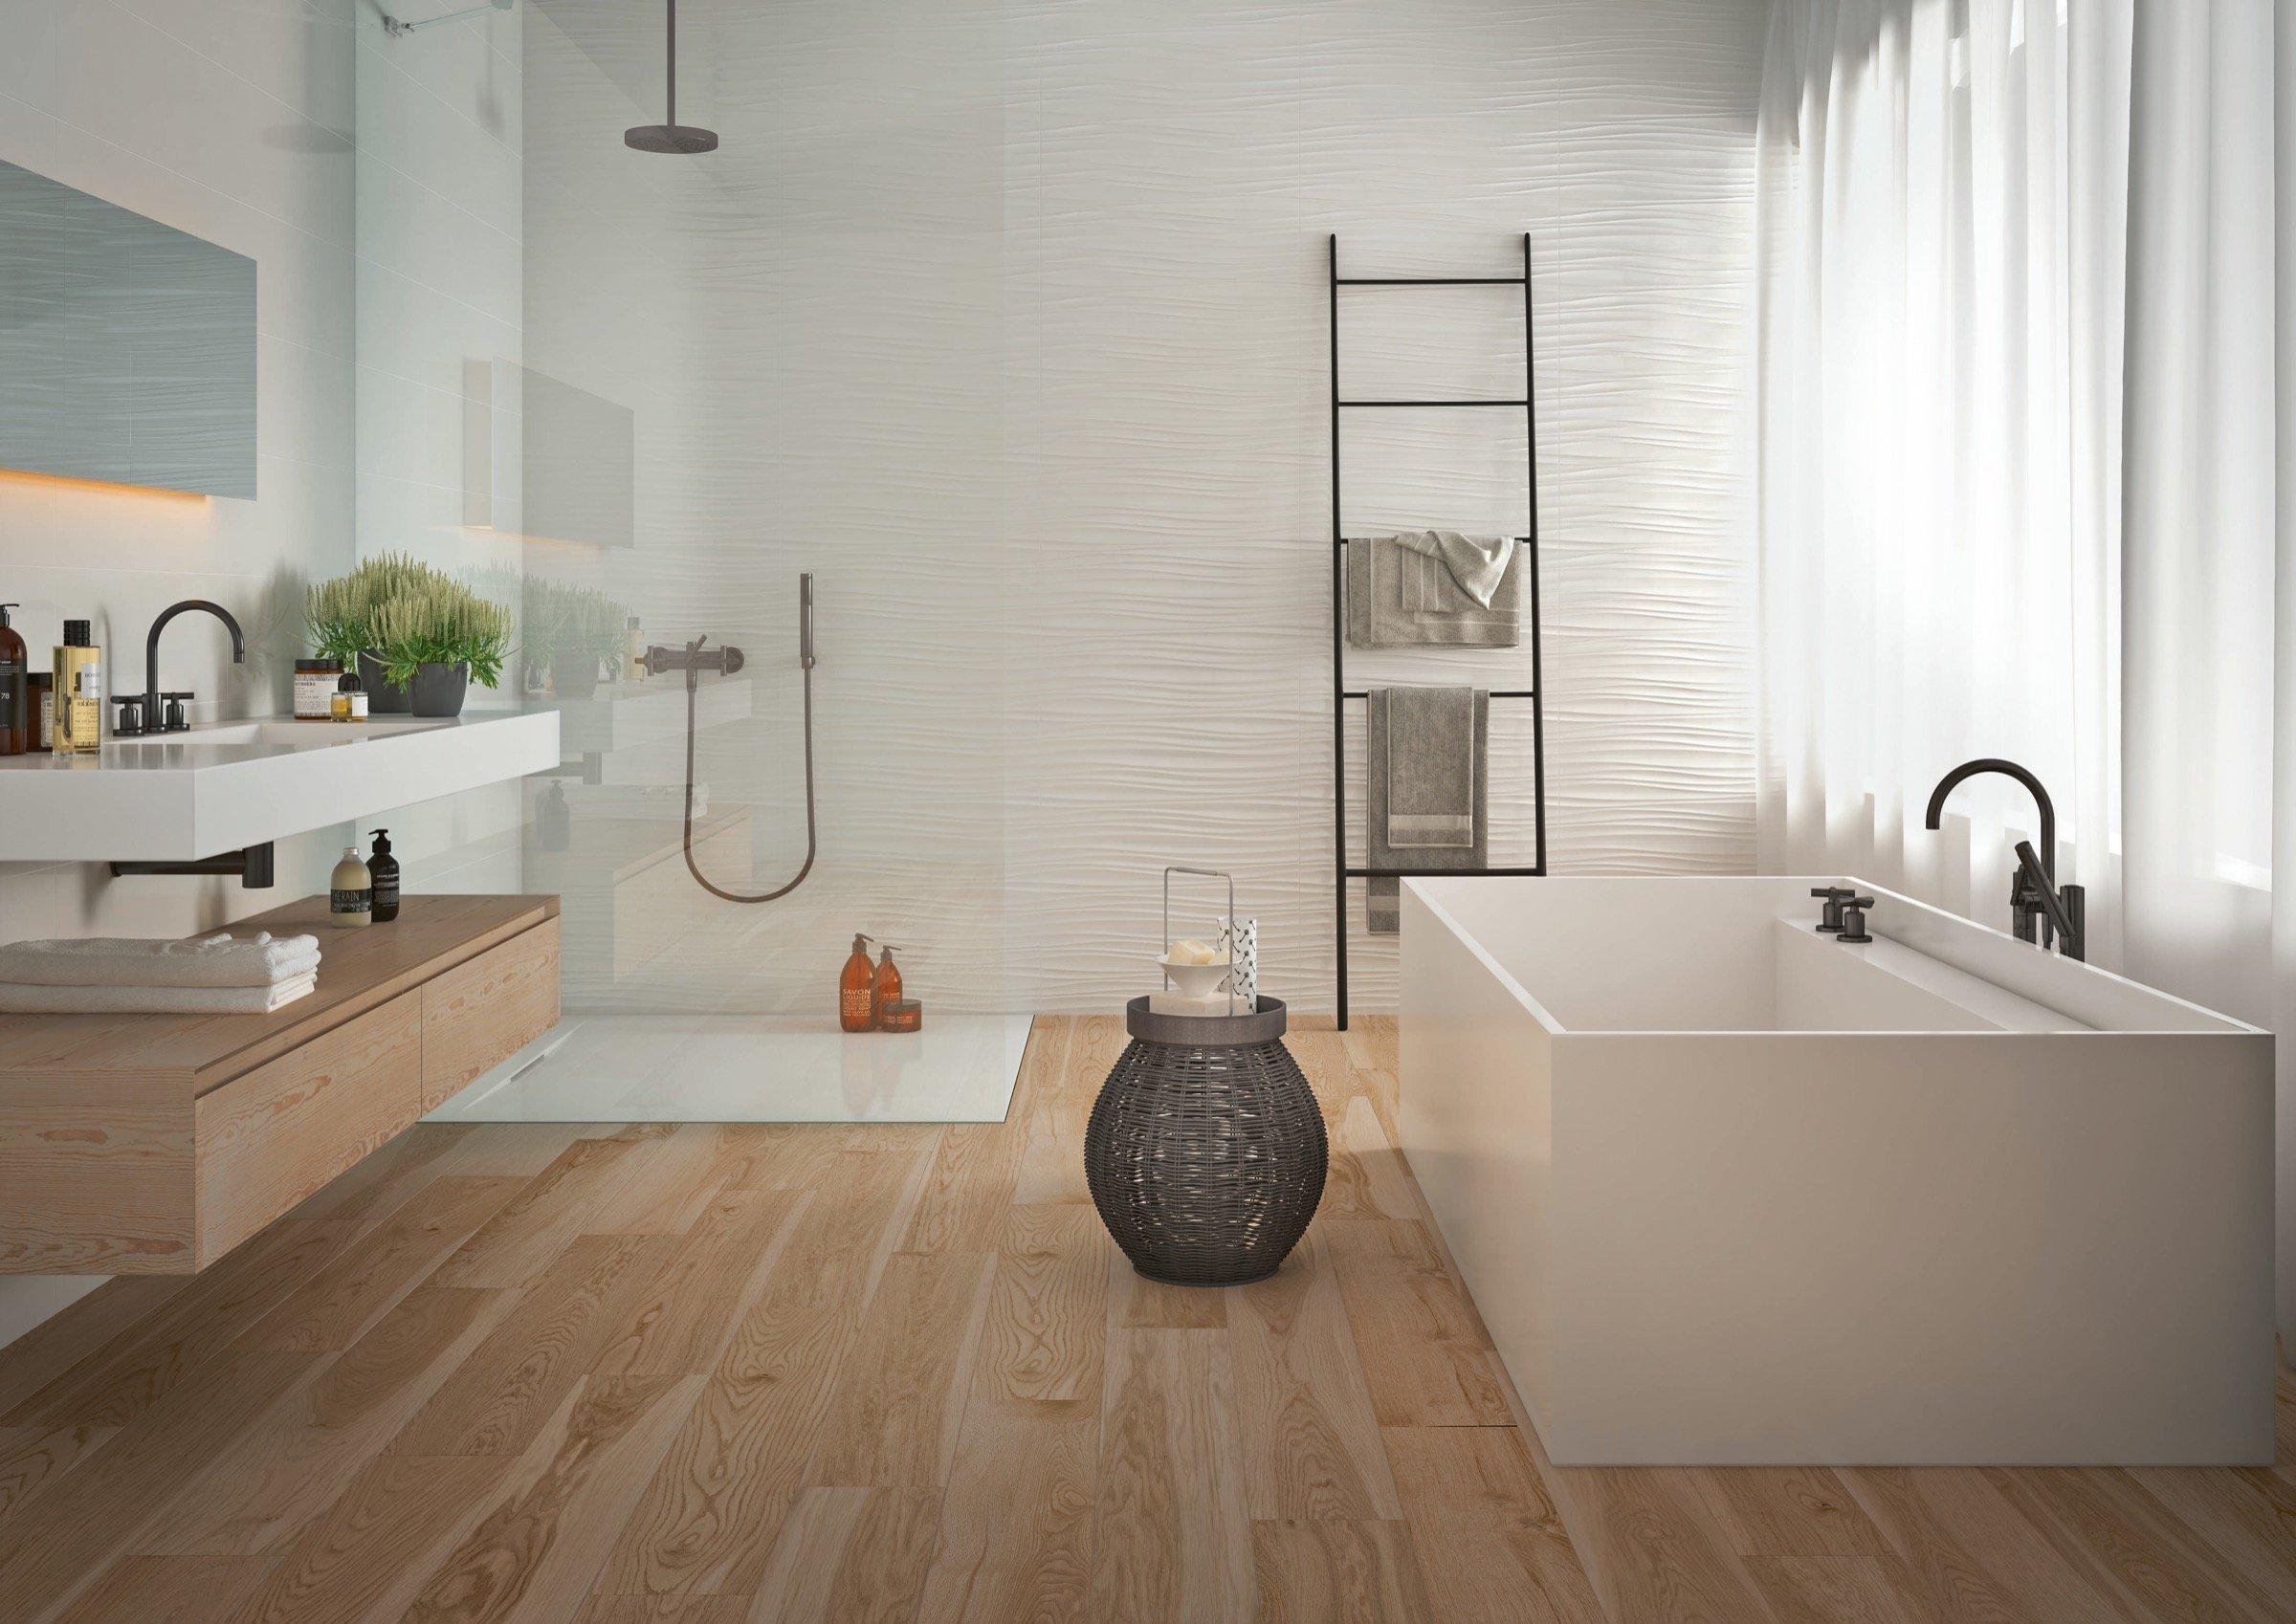 Koupelna je nedílnou součástí našeho bydlení. Kromě svého primárního poslání - hygieny, pro které byla stvořena, plní v dnešní době i mnoho dalších funkcí. Jedná se o místo určené pro relaxaci a odpočinek. Prostor pro jednotlivce i celou rodinu. Místnost, ve které začíná i končí každý náš den. A stejně jako další místnosti v domě, podléhá i tento důležitý prostor módním trendům. Jaké jsou ty současné trendy v koupelnovém designu?